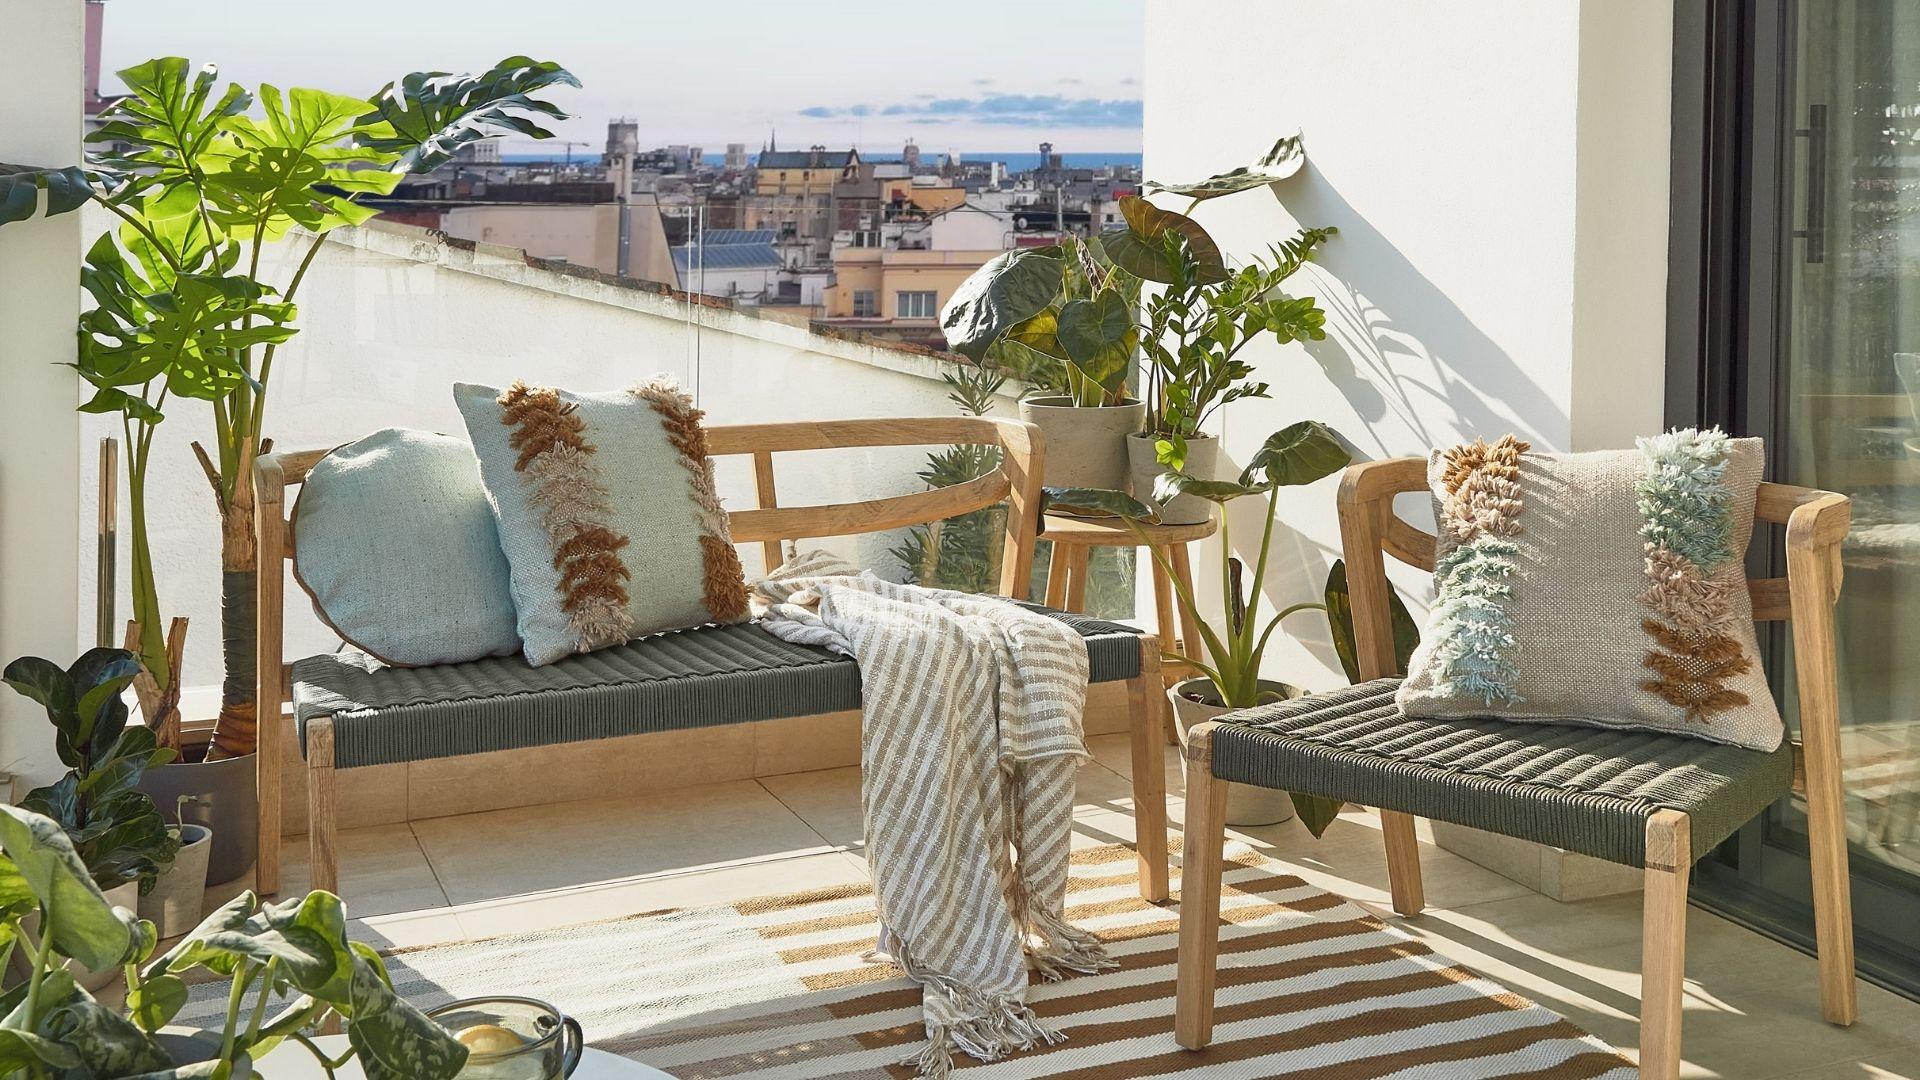 kave home collection printemps été 2021 appartement maison décoration intérieur terrasses balcon soleil